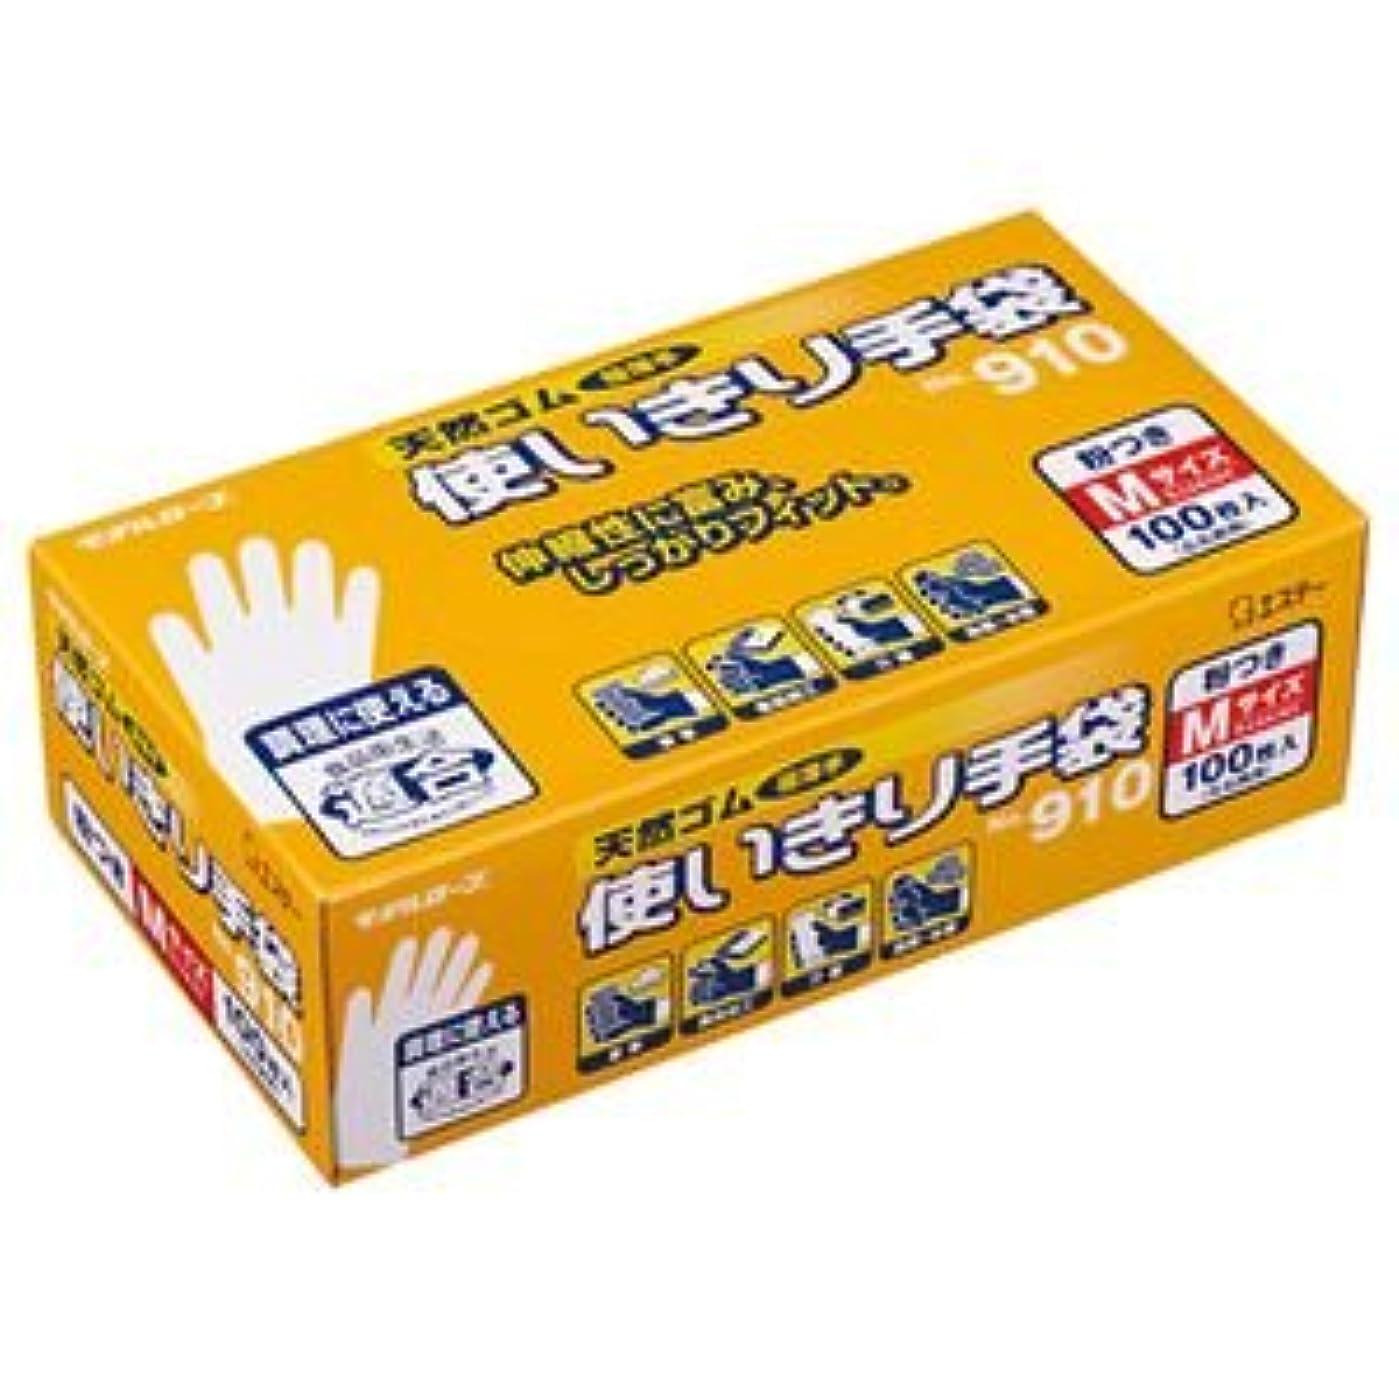 ブルイソギンチャクグレートバリアリーフ(まとめ) エステー No.910 天然ゴム使いきり手袋(粉付) M 1箱(100枚) 【×5セット】 ds-1580594